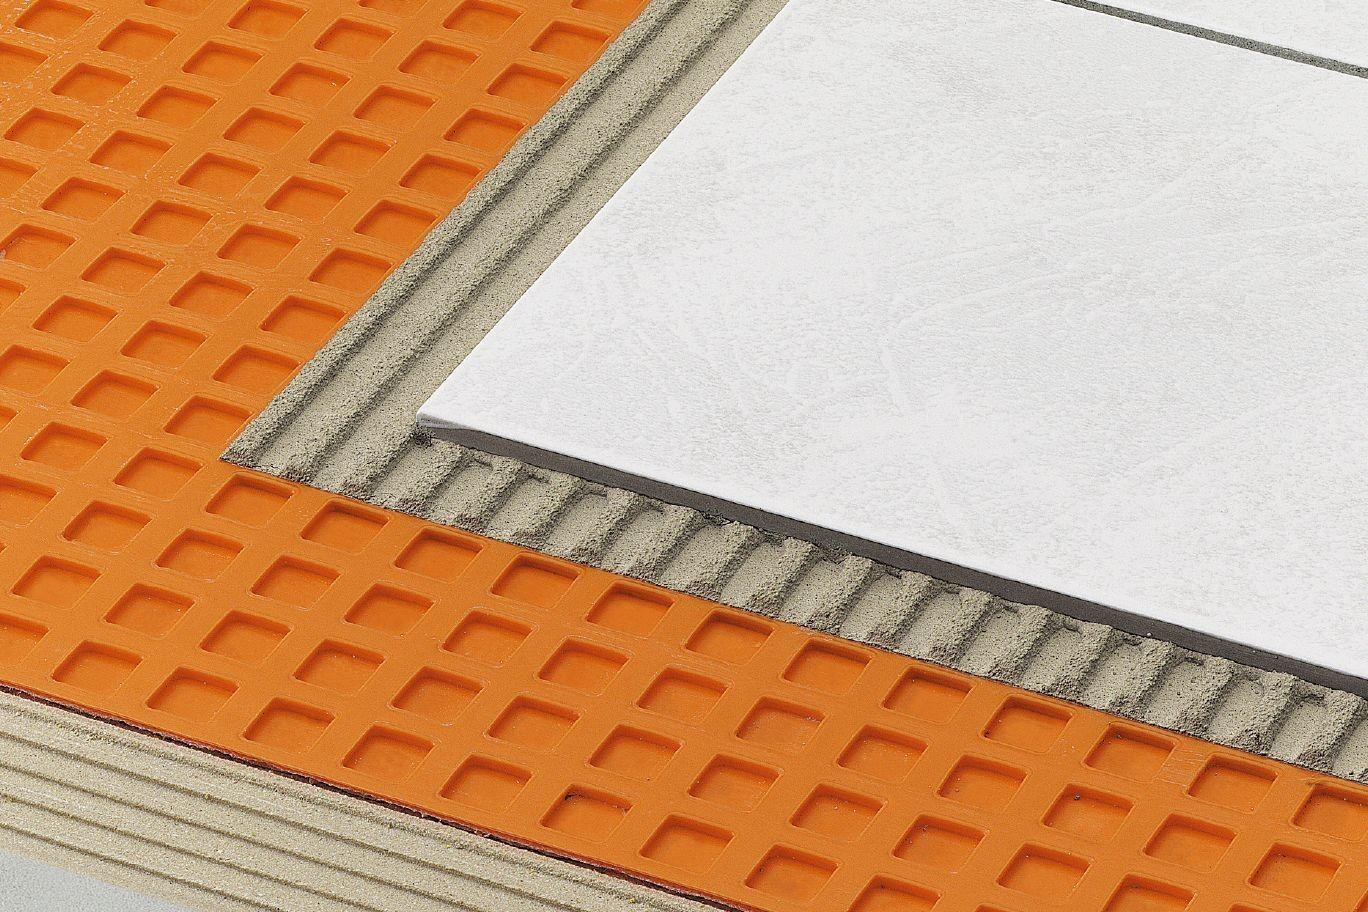 Schluter Ditra Ditra Xl Membrane Per Ln Ft Ceramic Floor Tile Ceramic Floor Underlayment